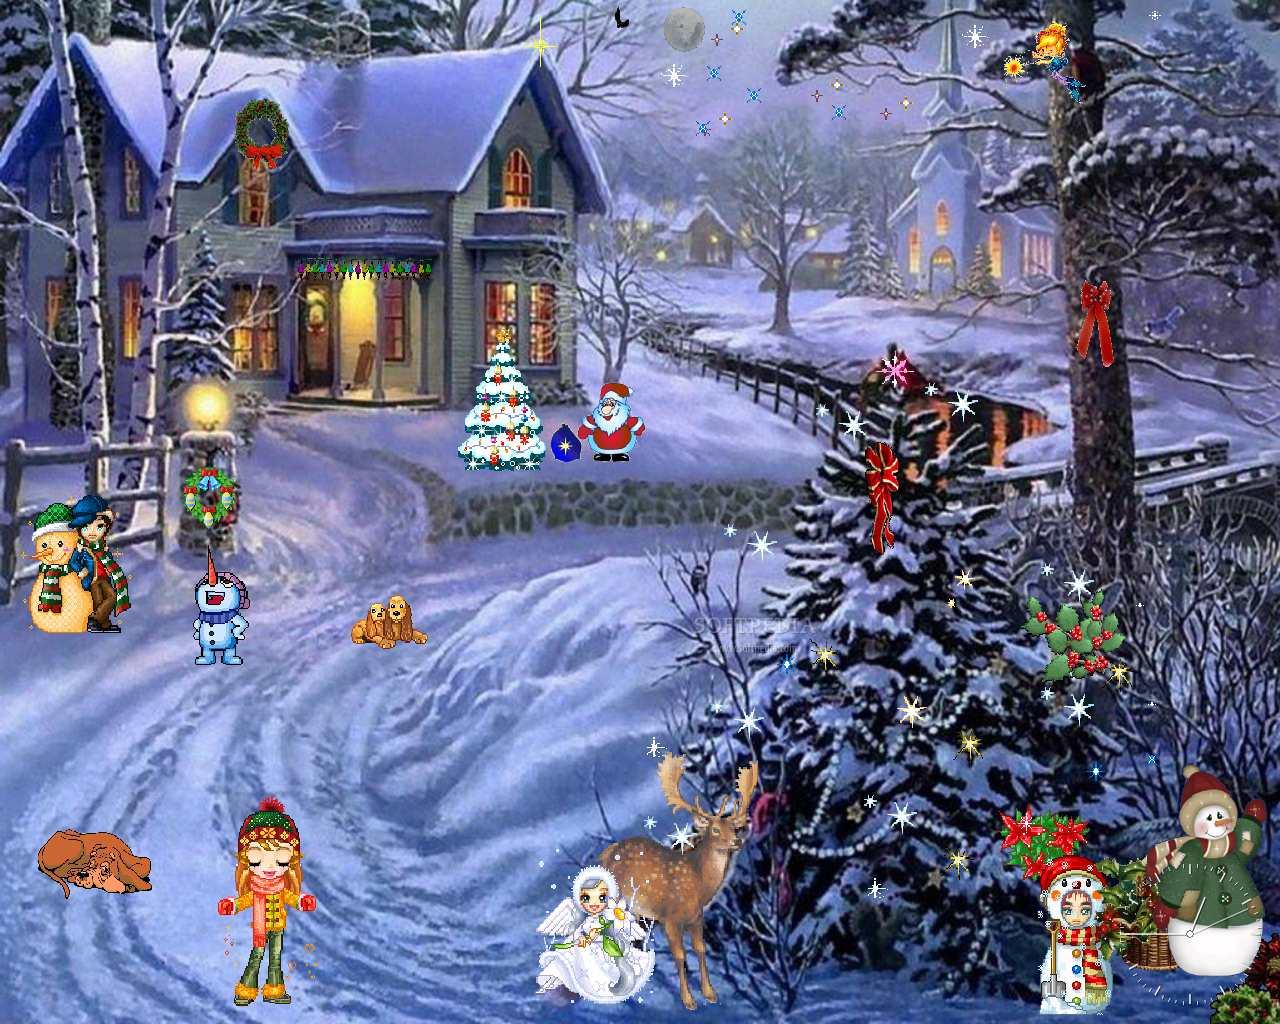 Christmas ScreenSaver 1 1 WALLPAPERS 1280x1024